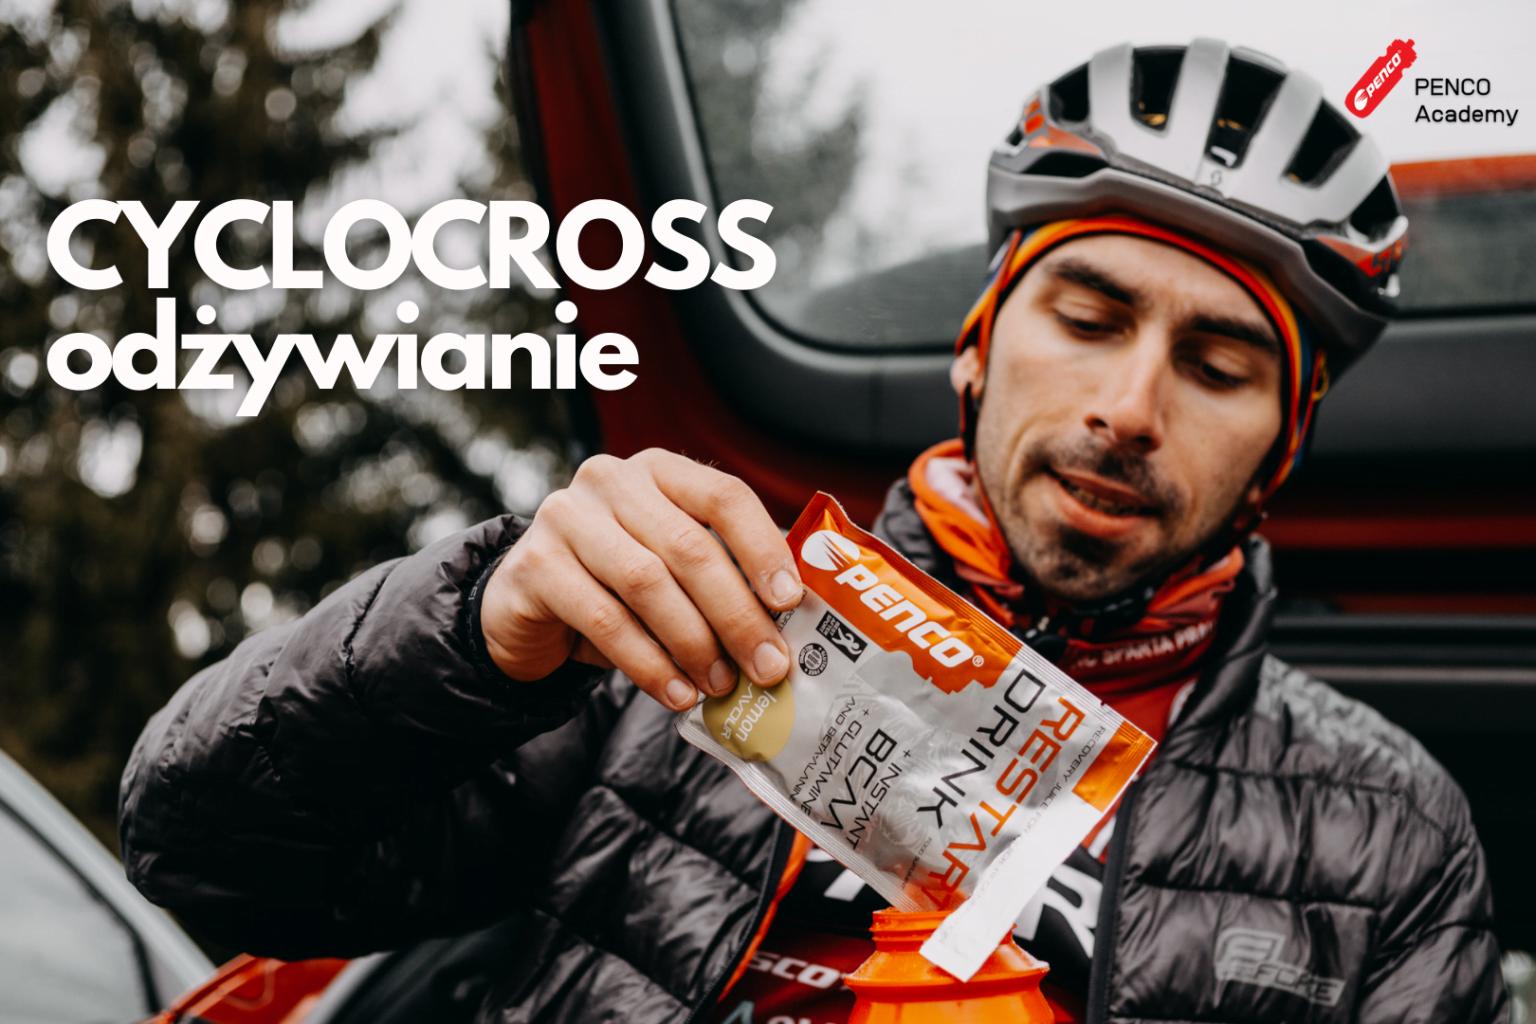 Jak przygotować się do wyścigu cyclocross, gdzie nie ma czasu na jedzenie i picie?